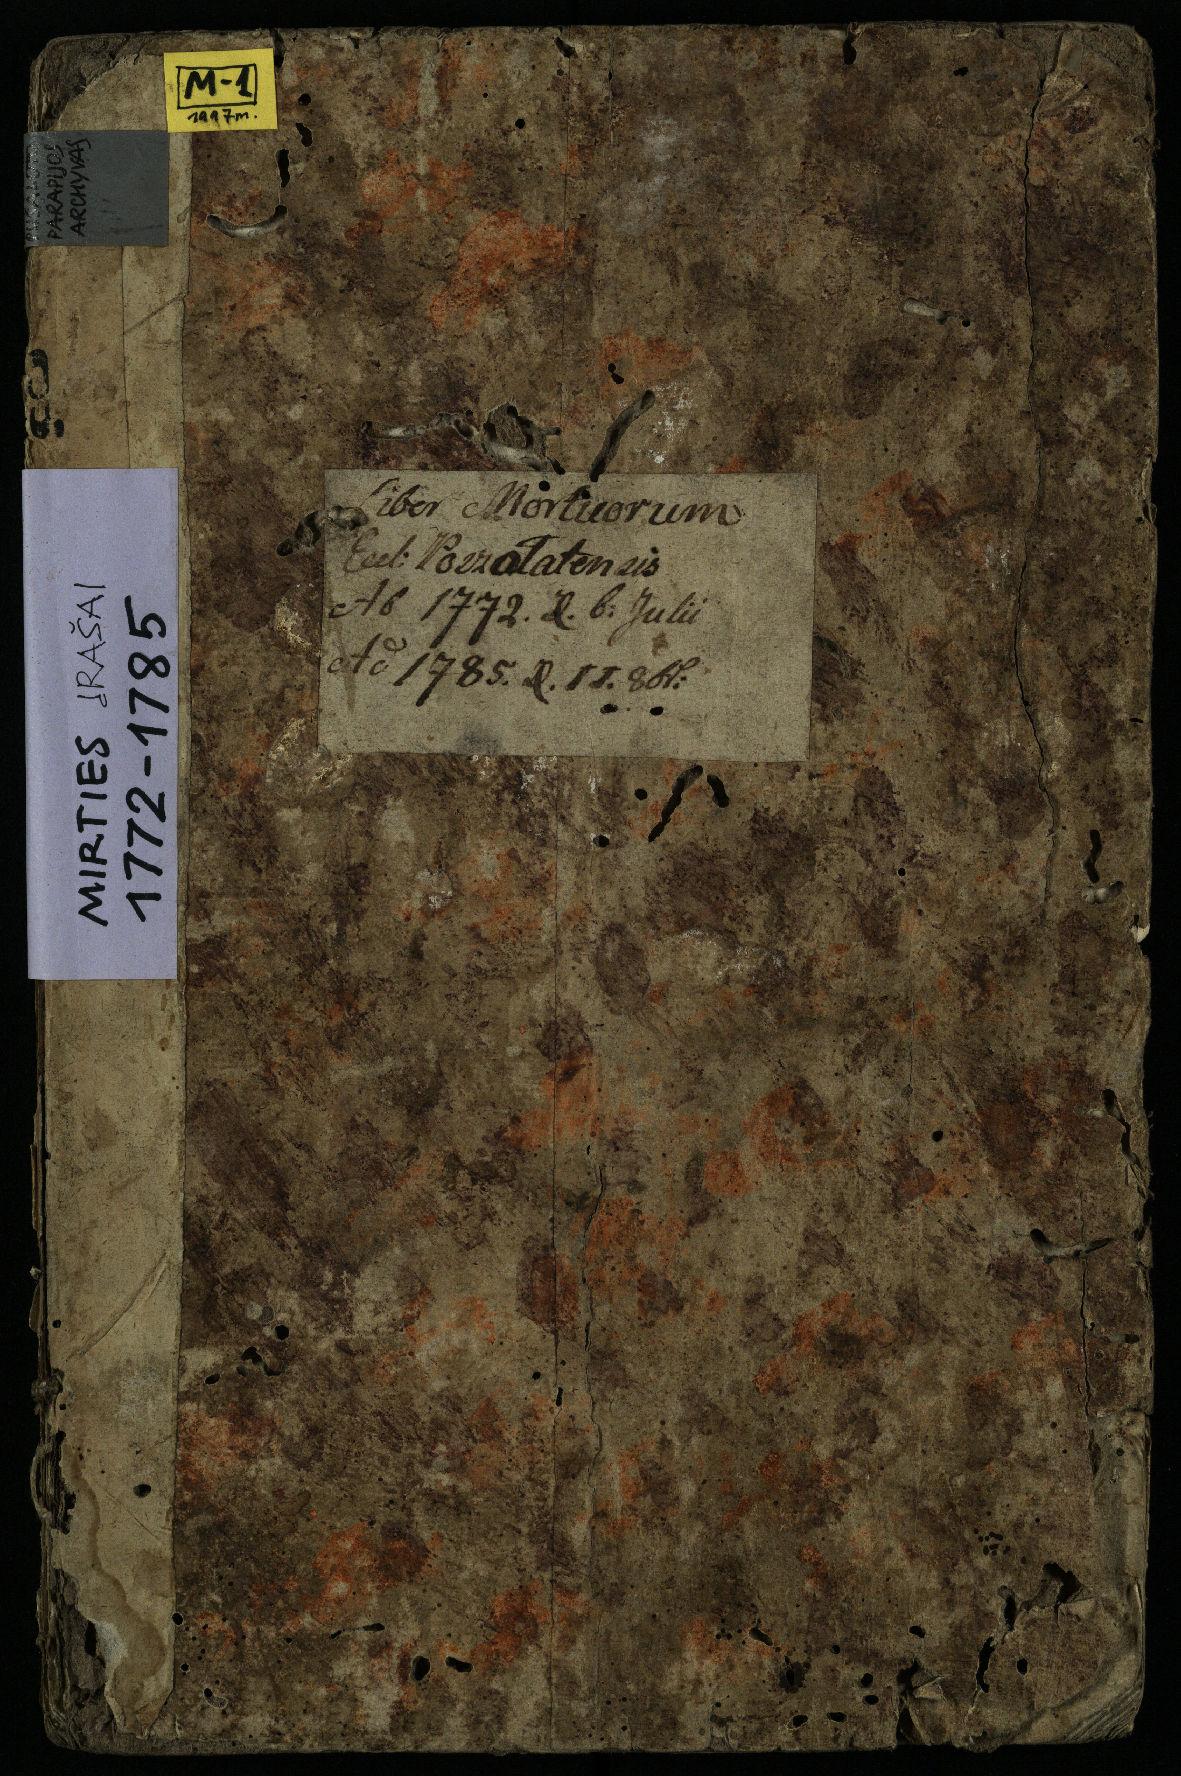 Pušaloto Romos katalikų parapijos bažnyčios 1772–1785 metų mirties metrikų knyga